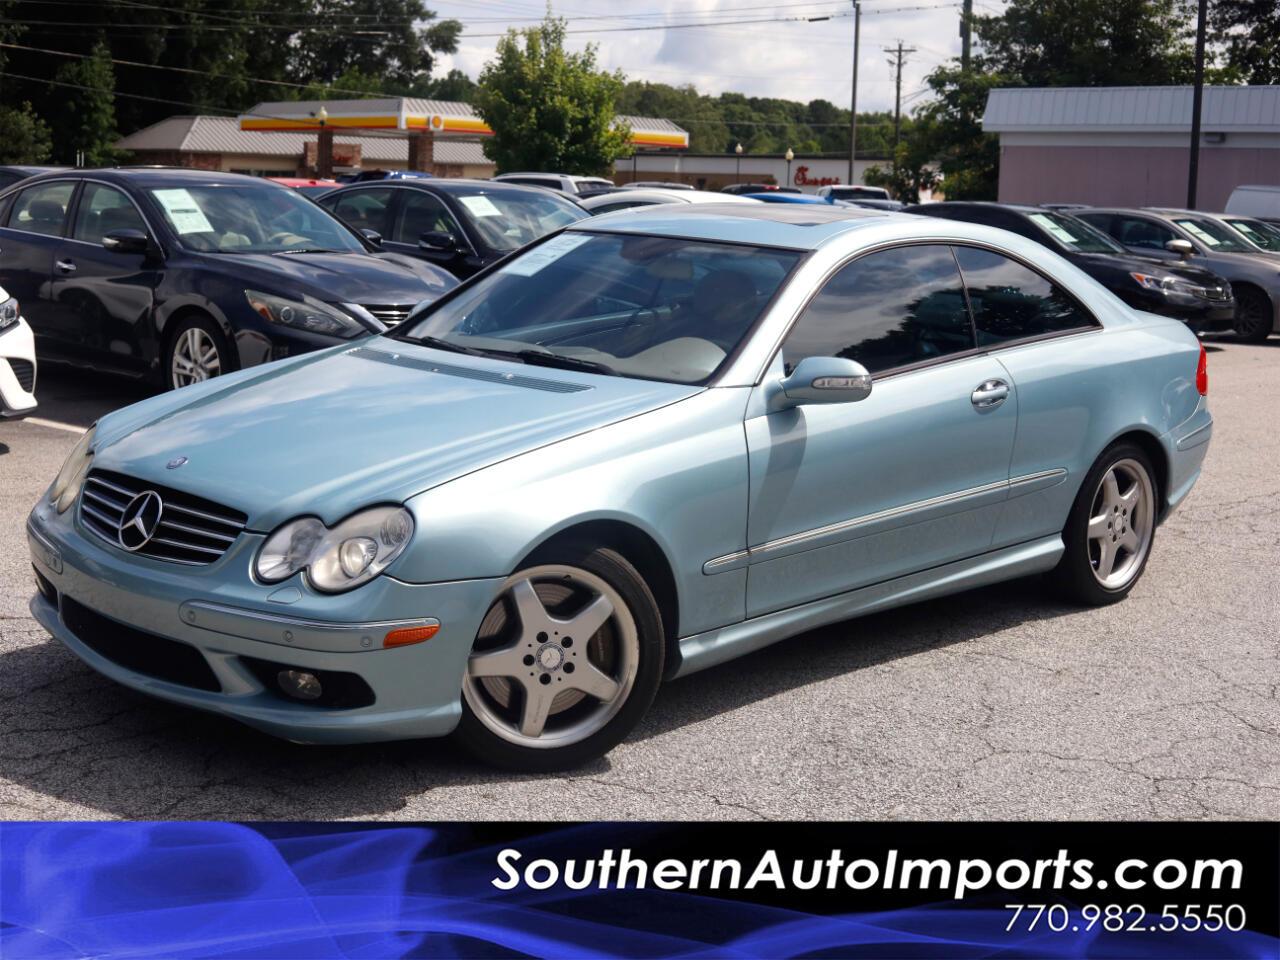 Mercedes-Benz CLK-Class 2dr Coupe 5.0L 2004